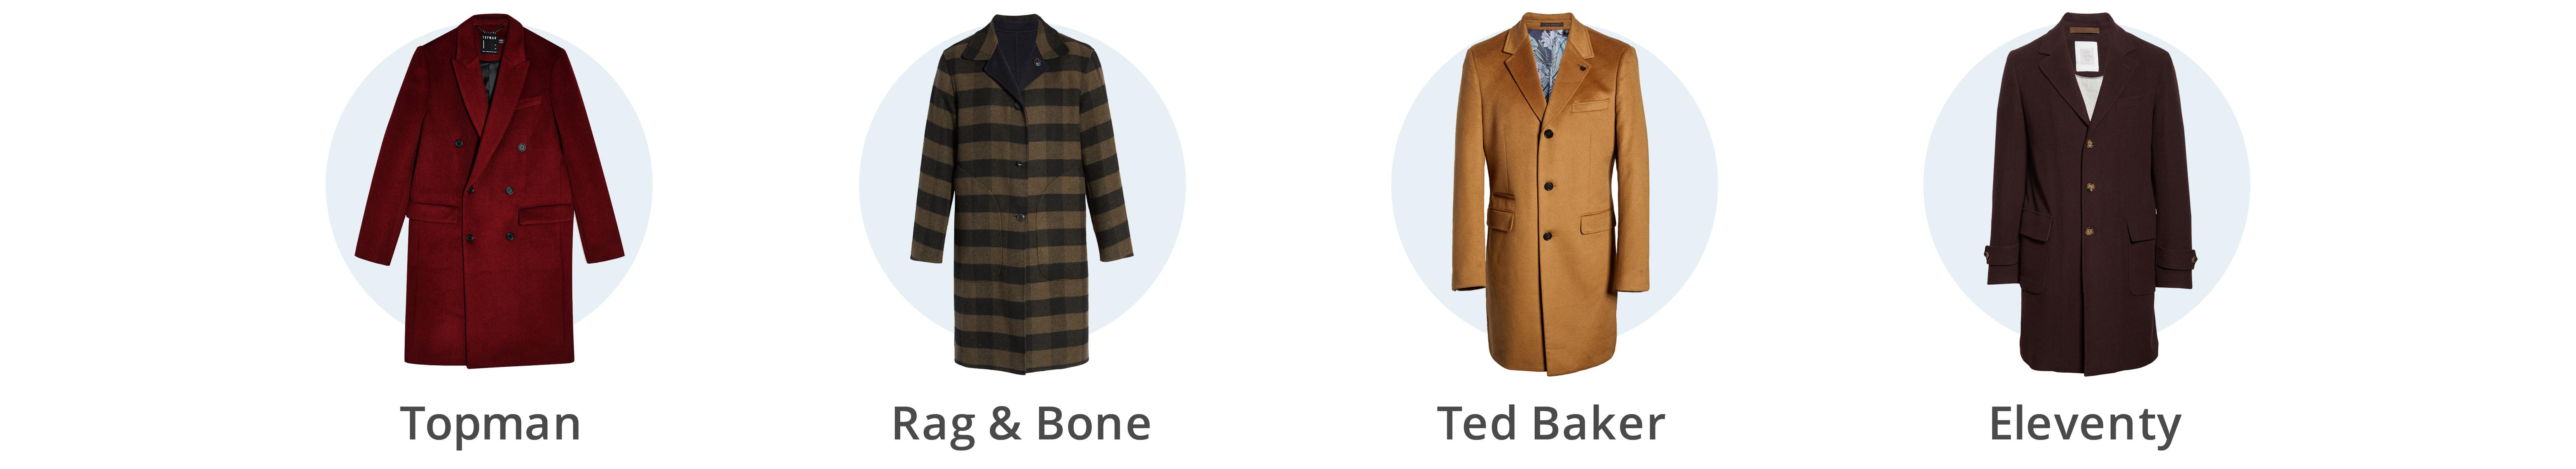 Men's winter topcoats